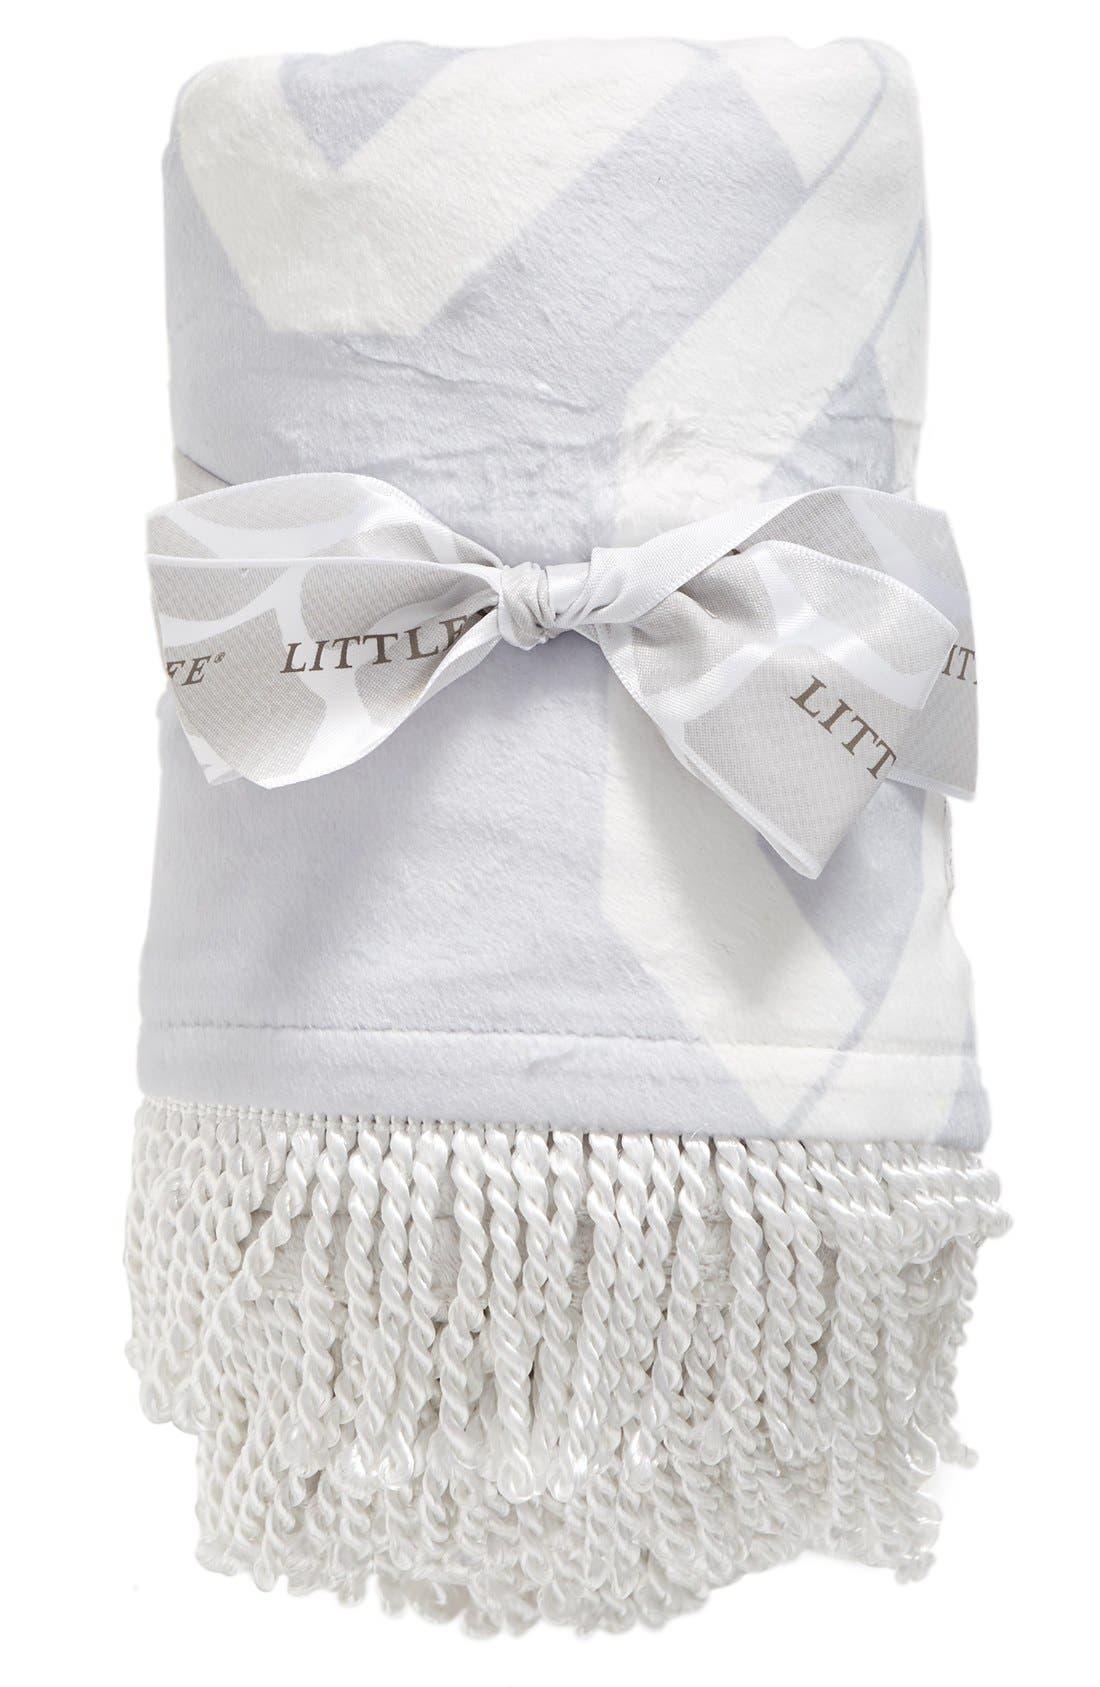 Alternate Image 1 Selected - Little Giraffe Bliss™ Windowpane Blanket